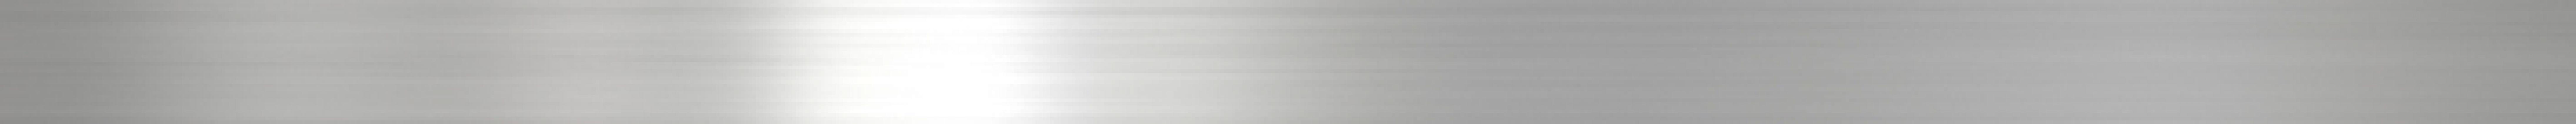 Бордюр метал. серебро глянцевое 2,2x90